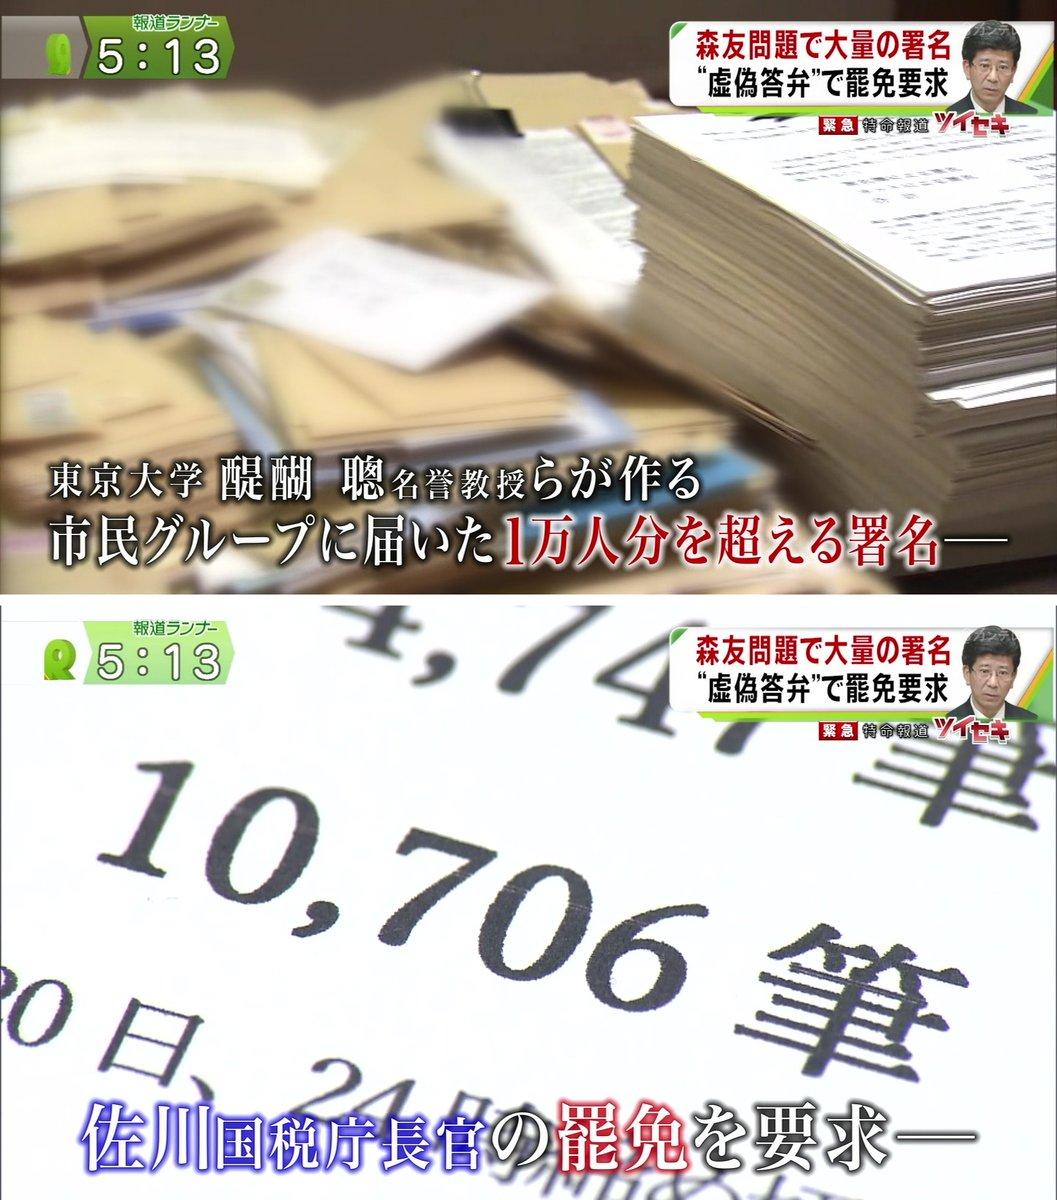 2917/08/21(月)プチニュース「市民グループはきょうおよそ1万人分の署名を麻生財務大臣宛に提出し、佐川長官の罷免を求めた。」など